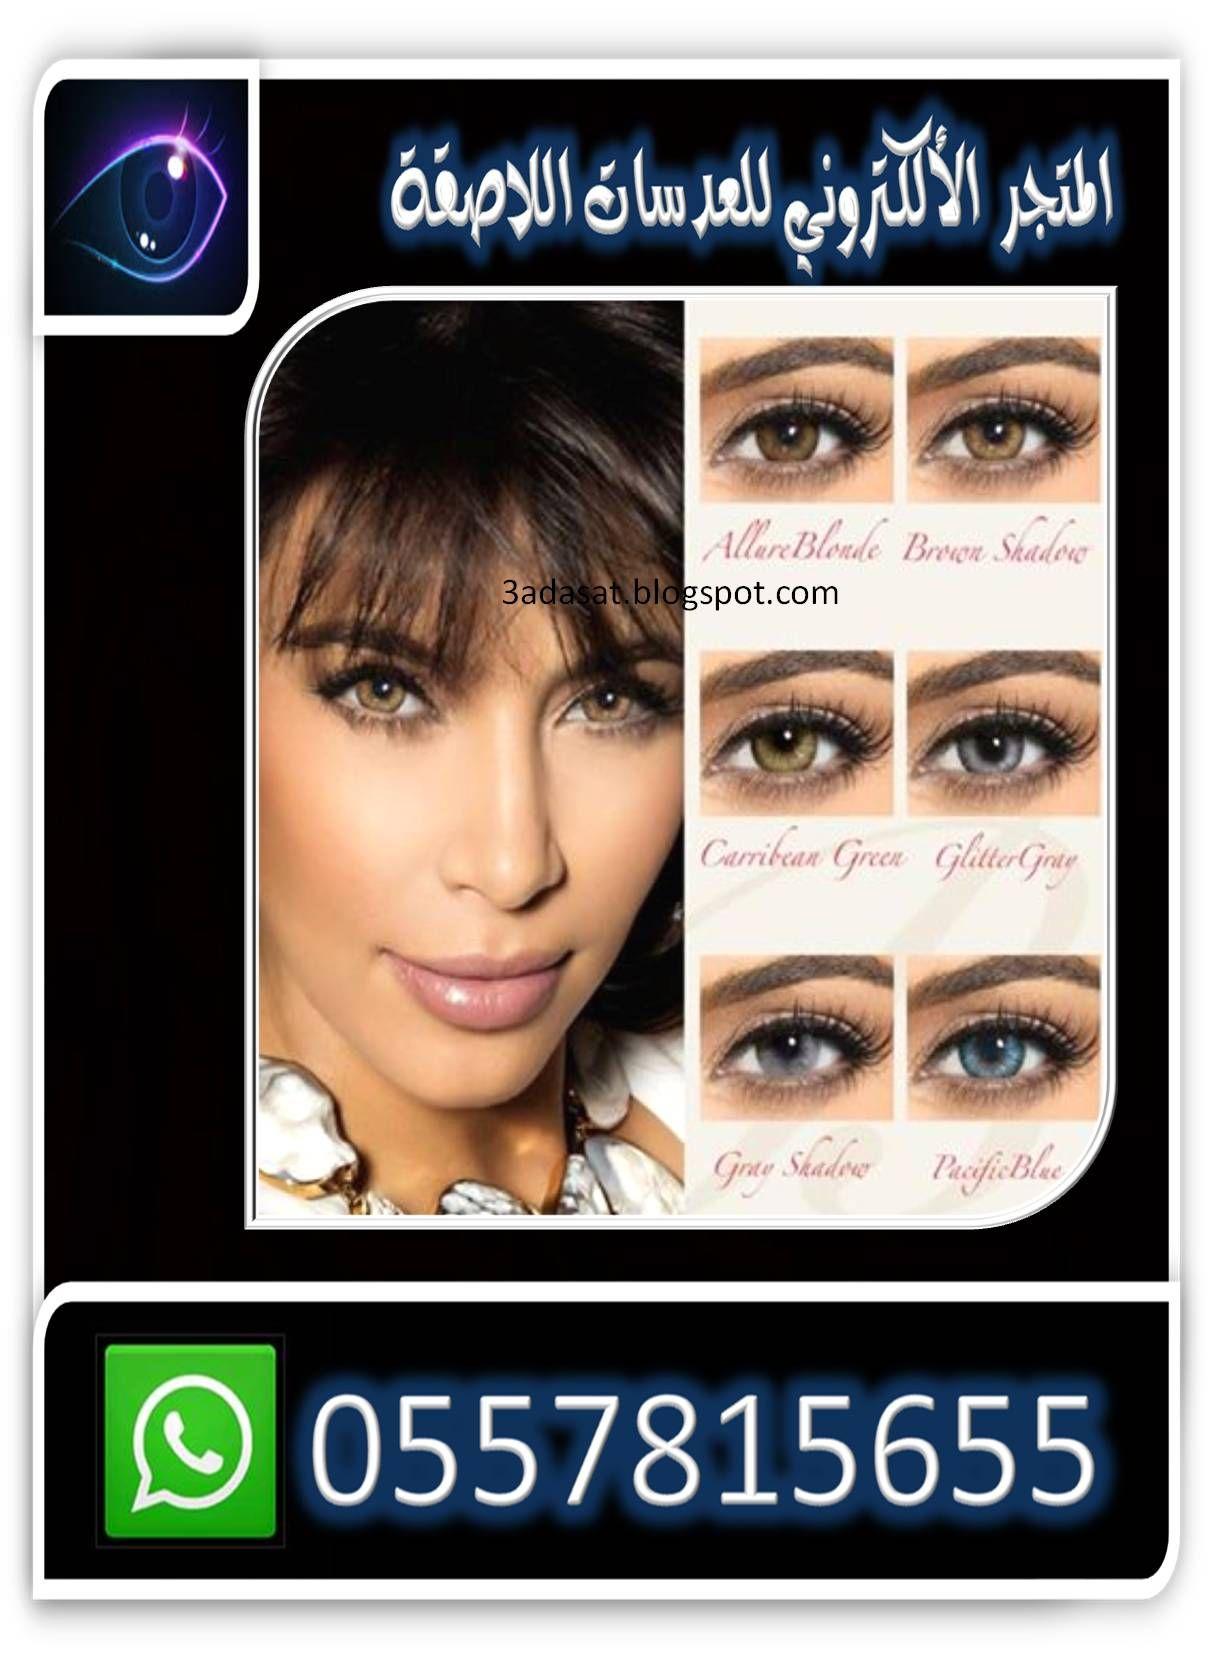 عدسات بيلا دايموند واتس 0557815655 3adasat Blogspot Com Halloween Face Makeup Face Makeup Face